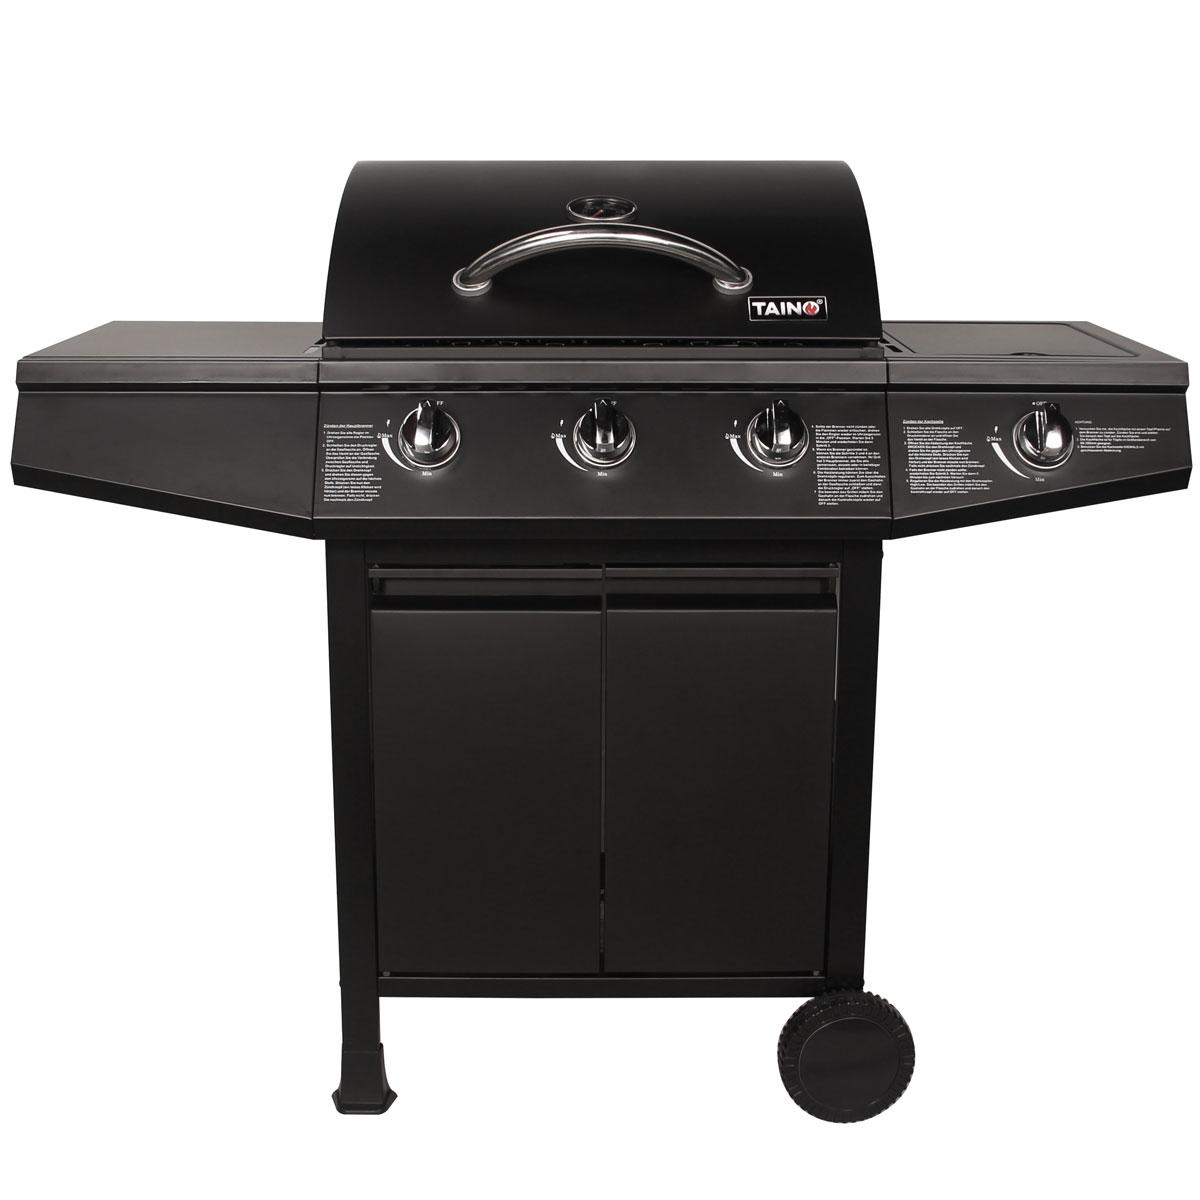 taino gasgrill bbq grillwagen 3 edelstahl brenner gas grill seitenkocher t v ebay. Black Bedroom Furniture Sets. Home Design Ideas